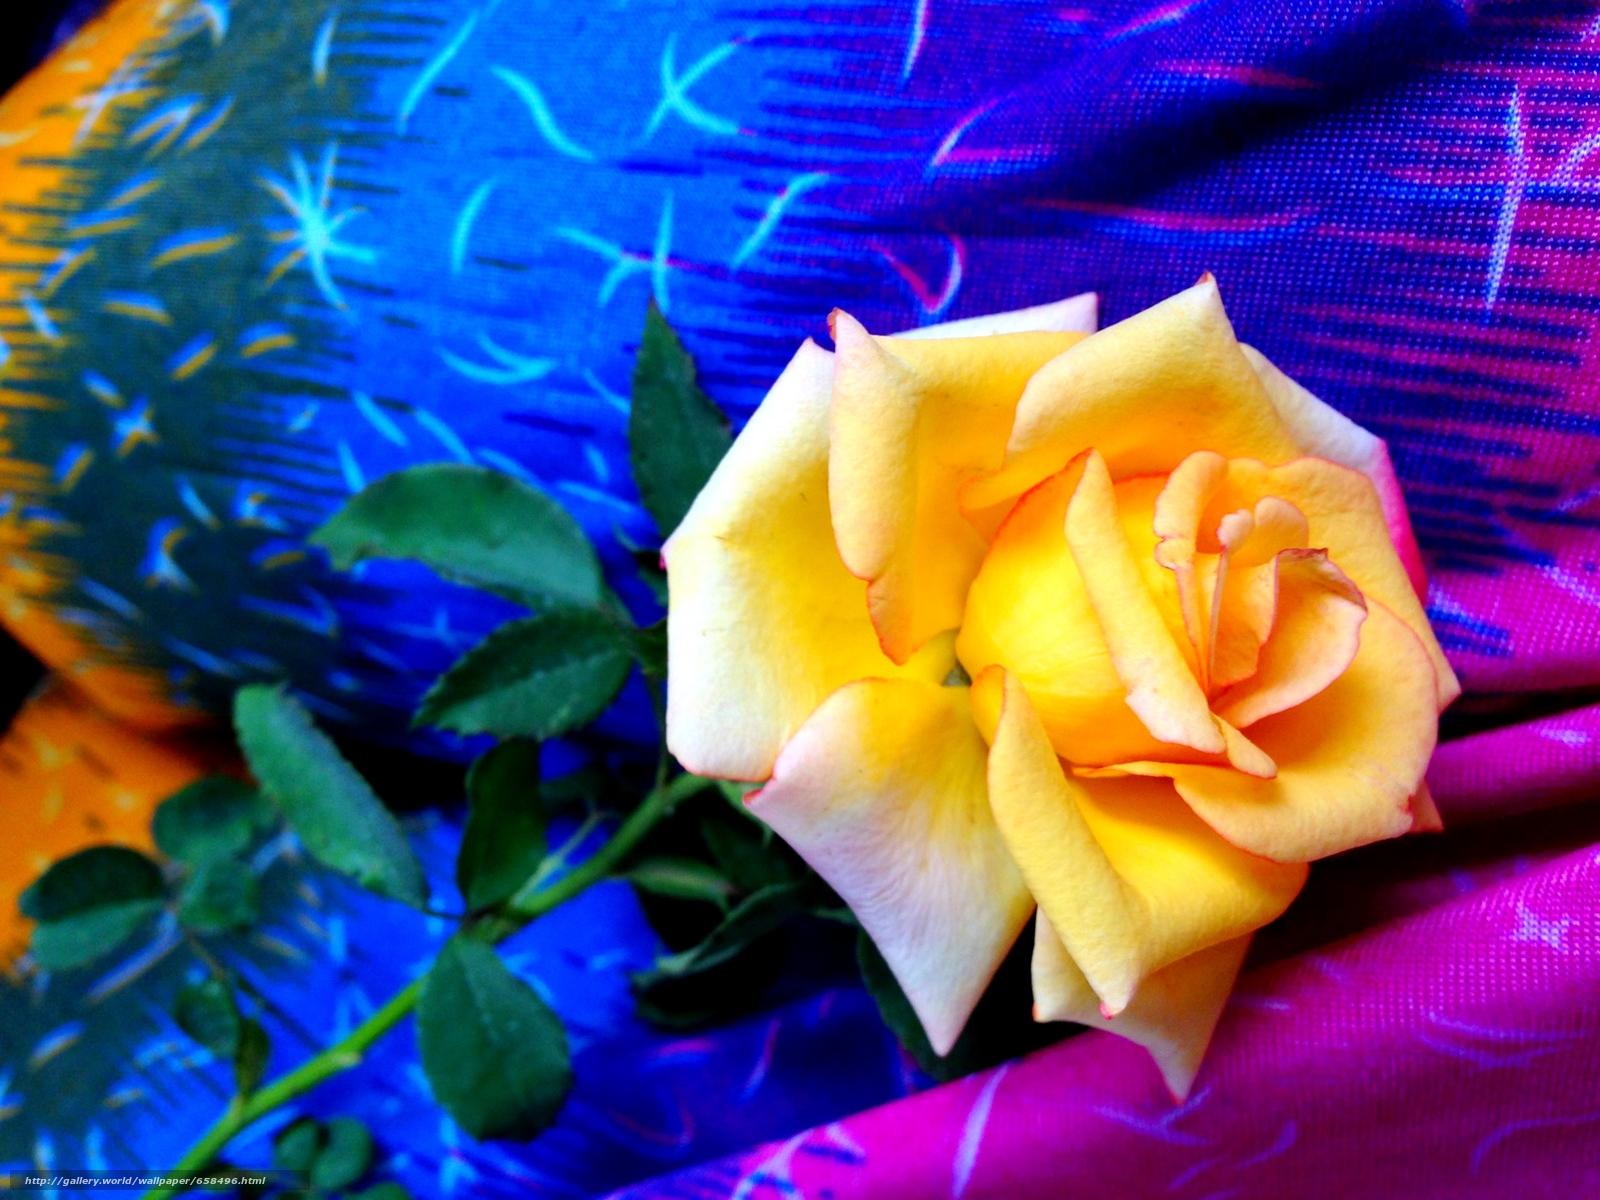 Скачать обои цветок,  цветы,  флора,  роза бесплатно для рабочего стола в разрешении 3264x2448 — картинка №658496